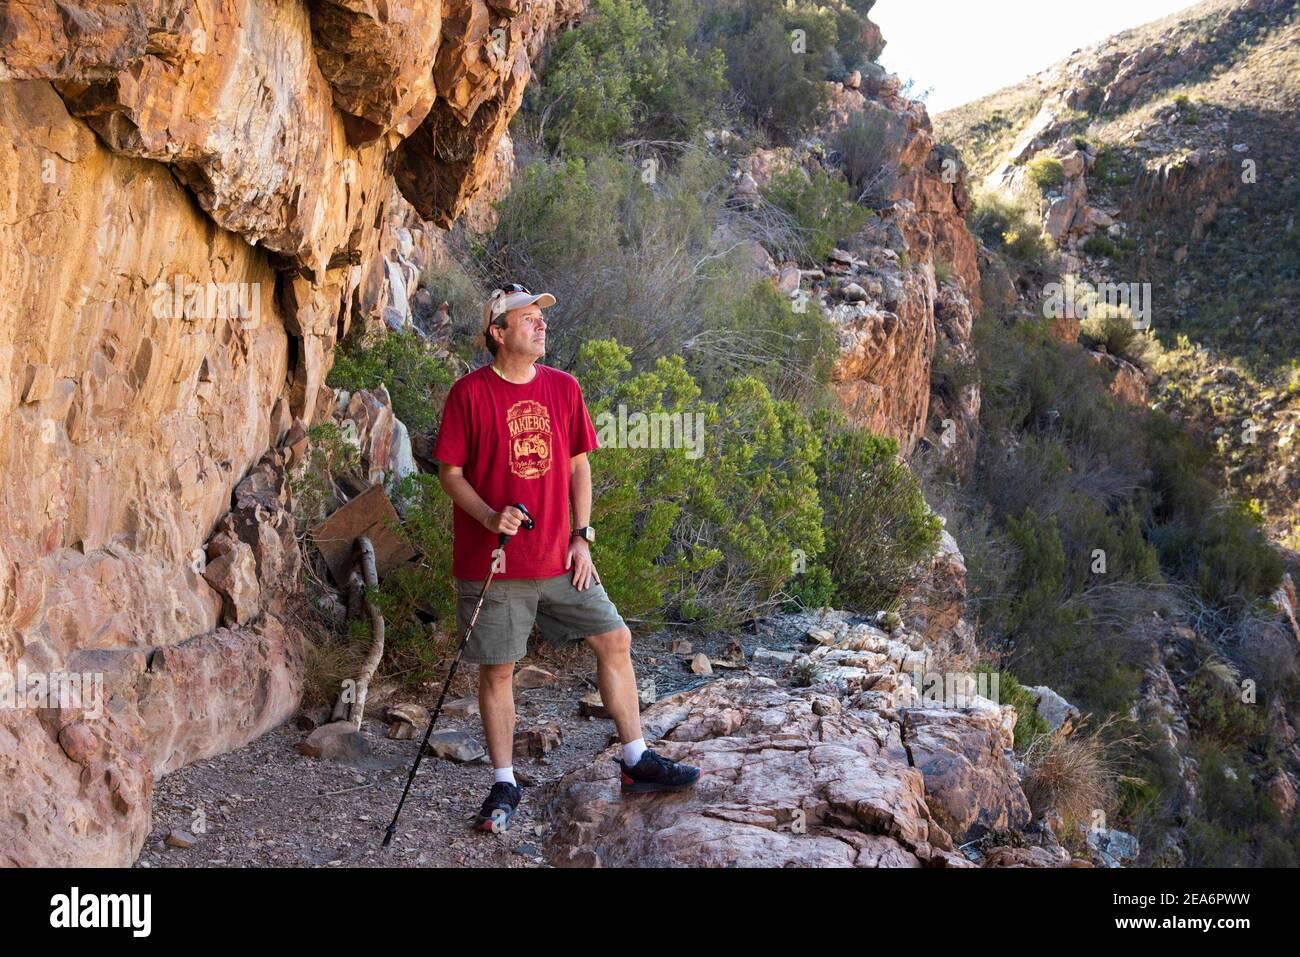 Excursionistas en la cueva de arte rupestre de San en Cedar Falls, Baviaanskloof, Sudáfrica Foto de stock